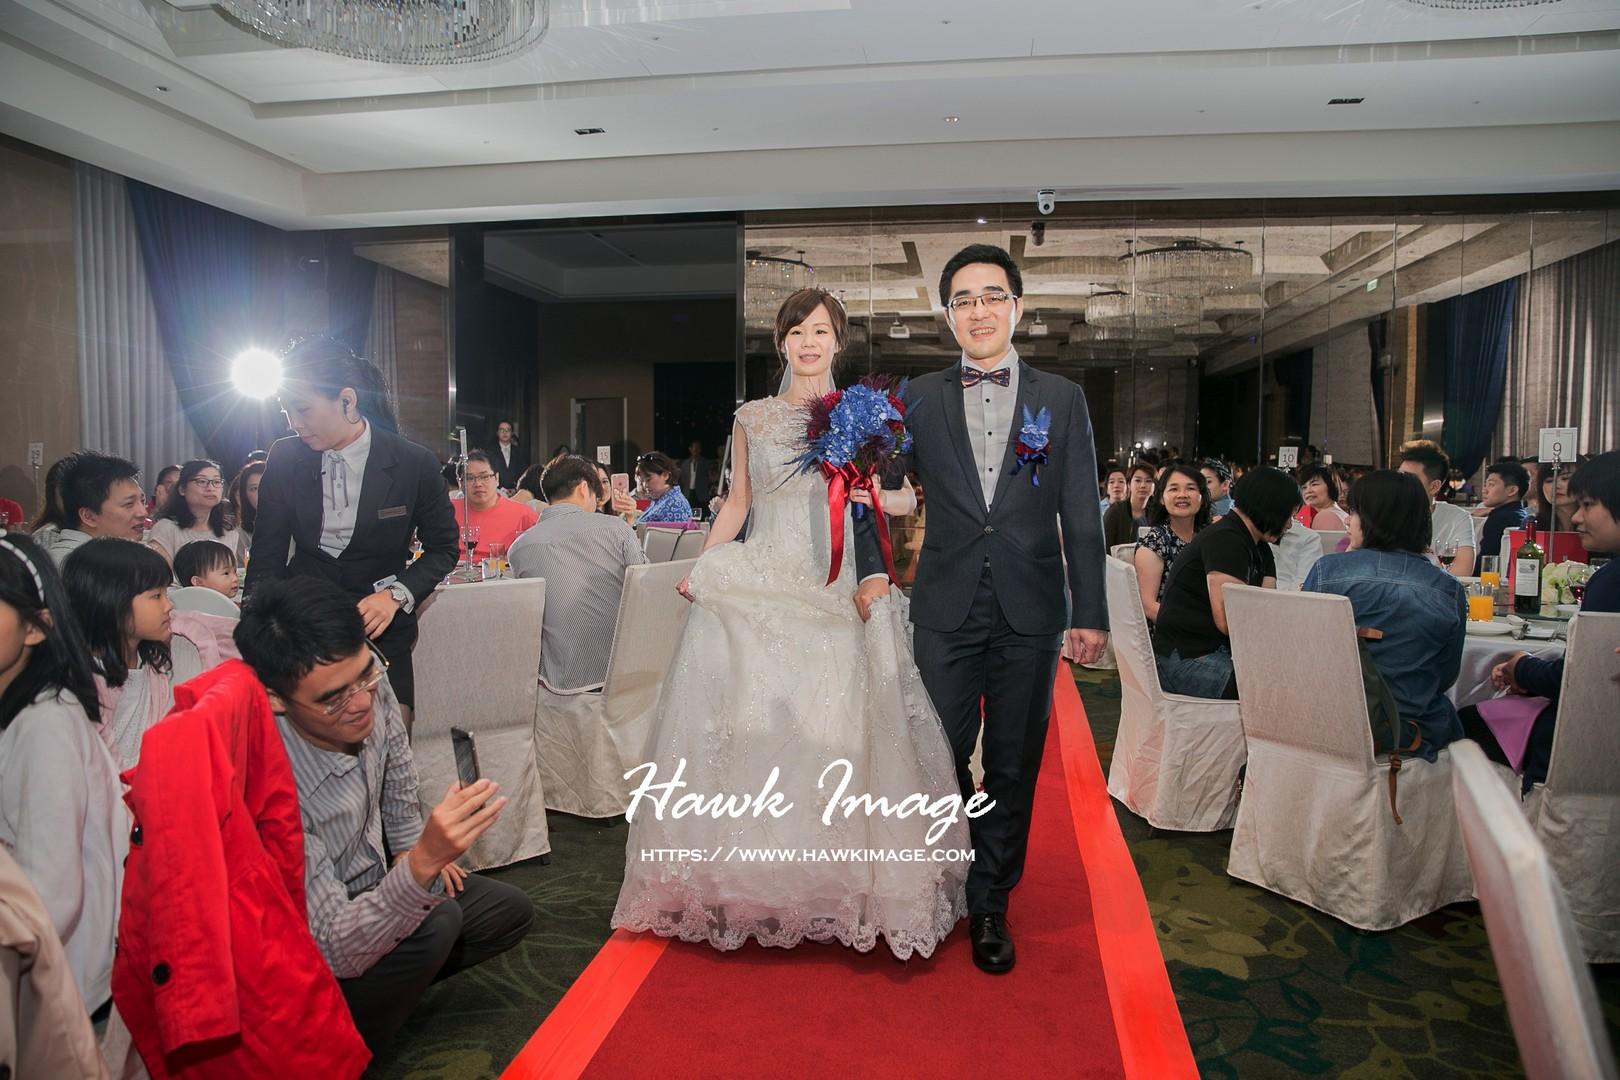 婚攝,婚攝作品2019,婚禮攝影推薦ptt,婚禮錄影ptt